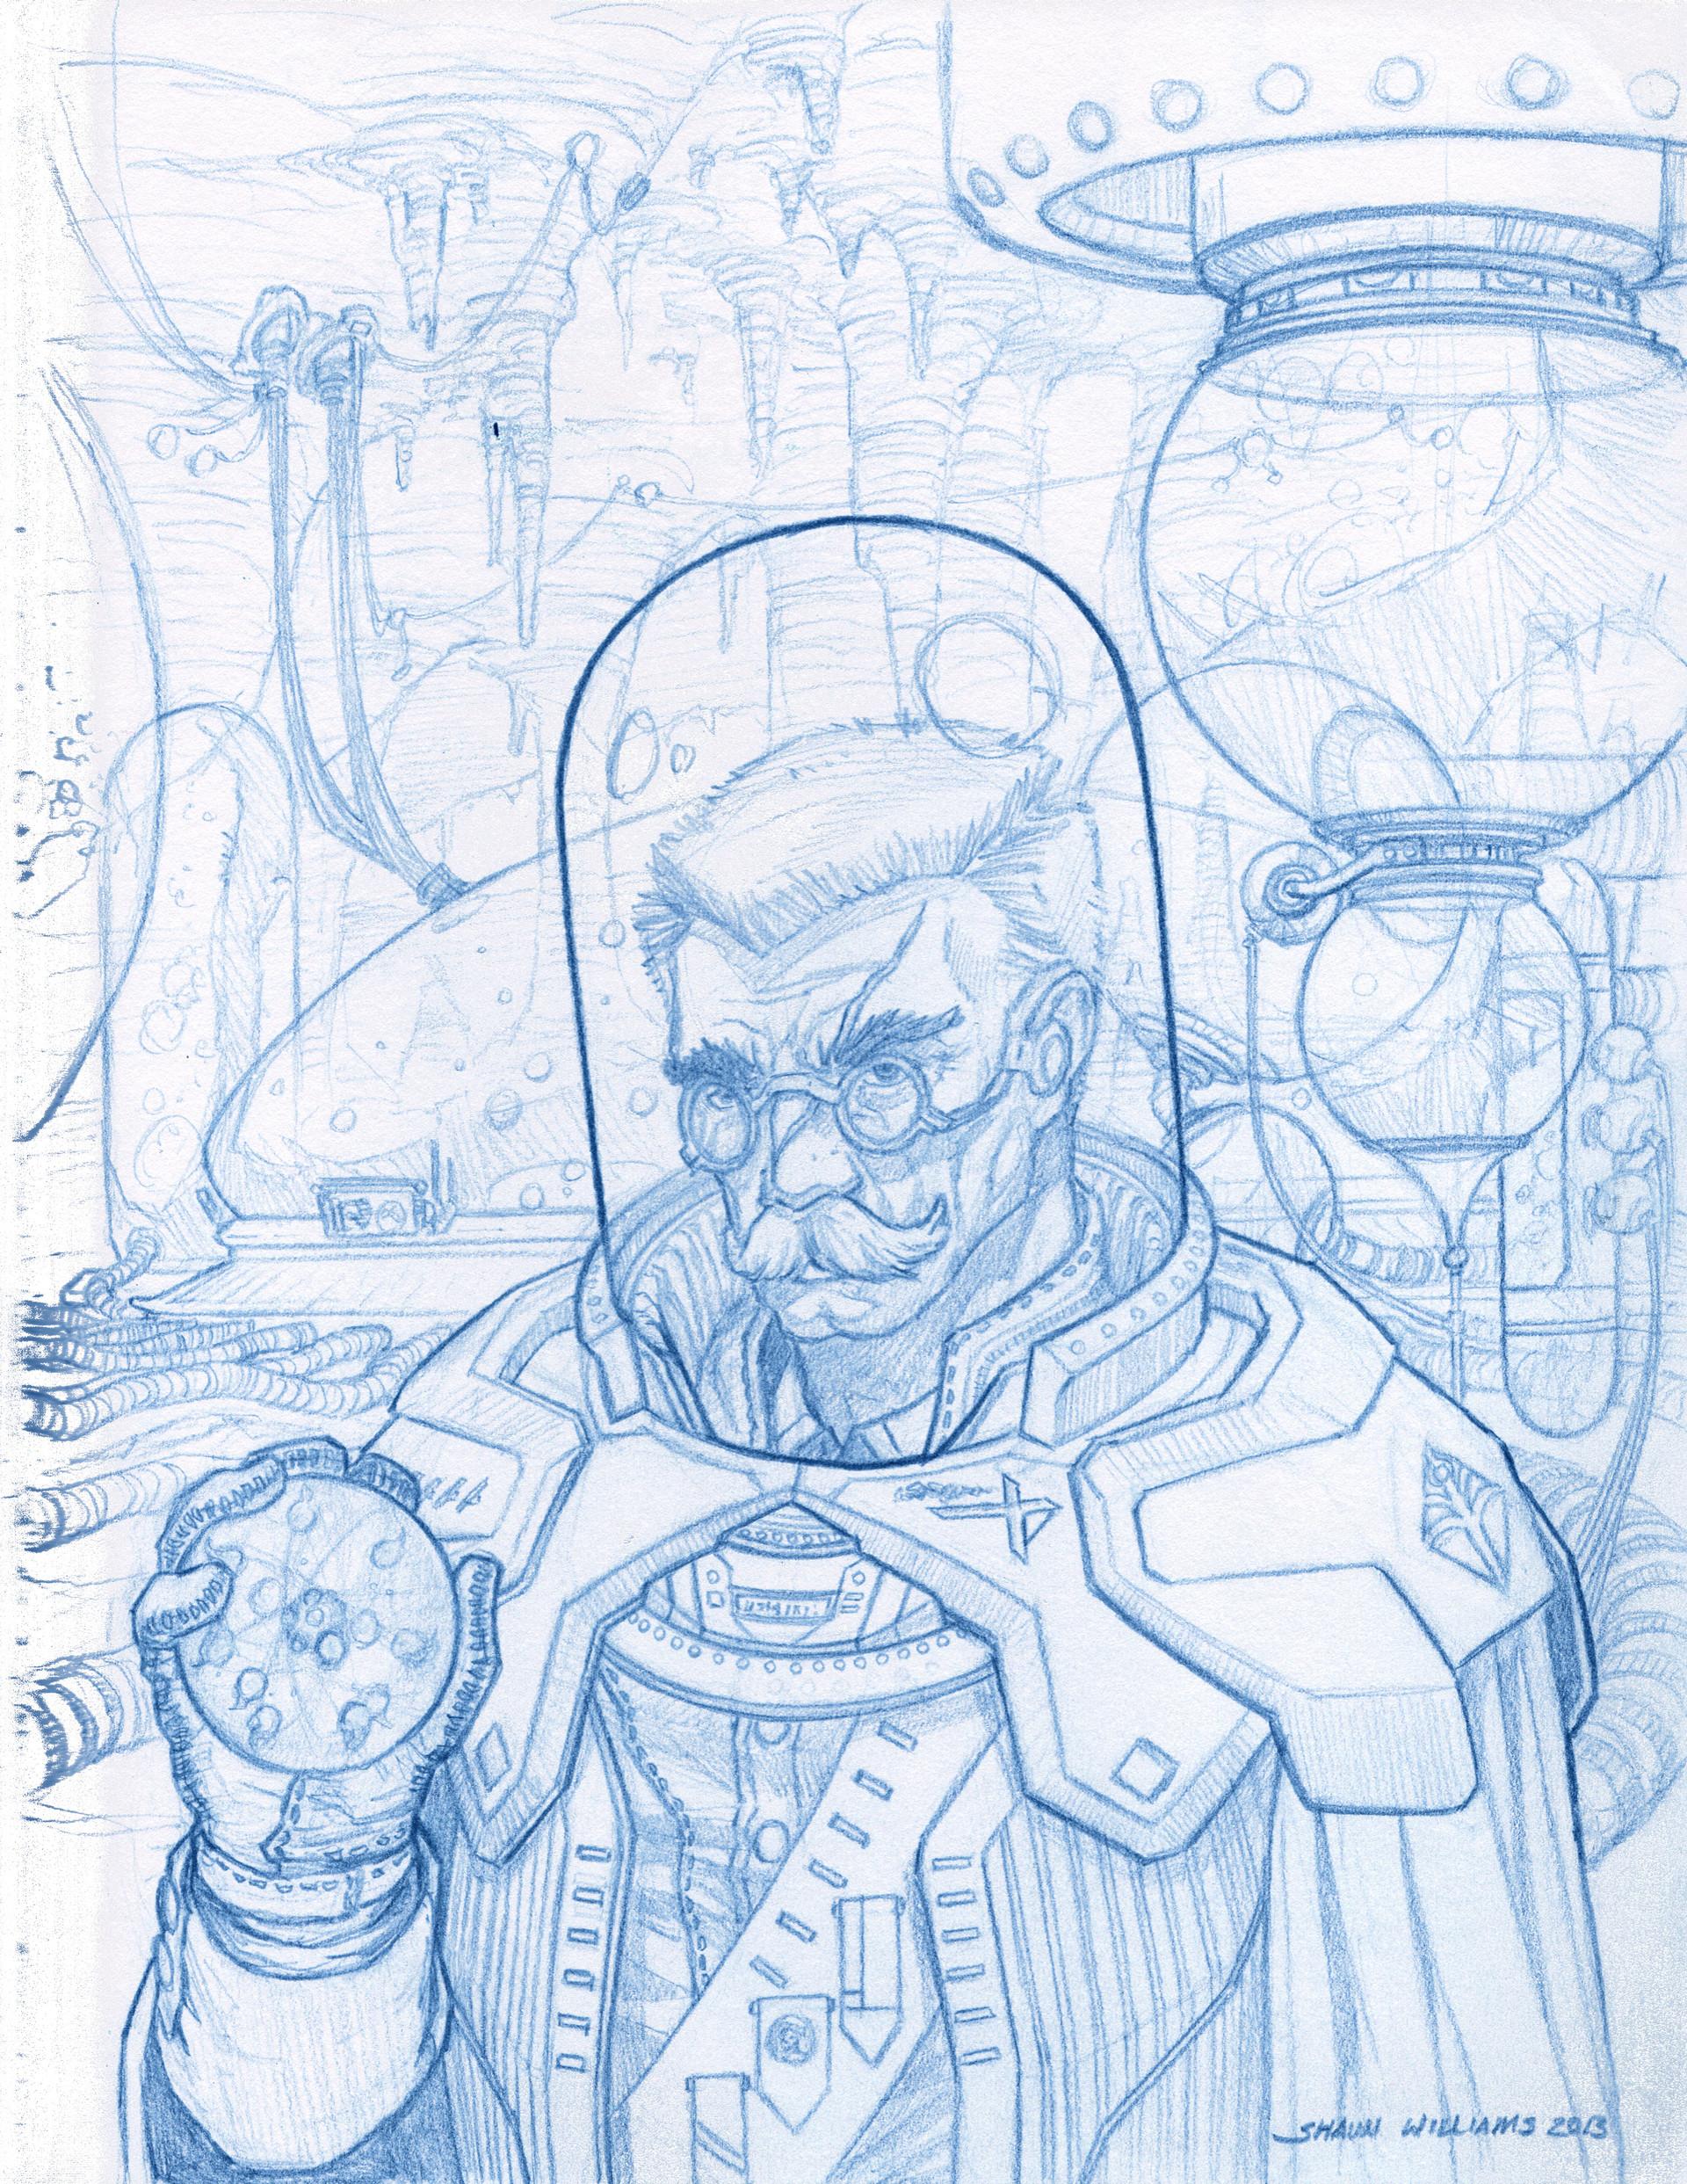 Shaun williams sketch 30 finishsm